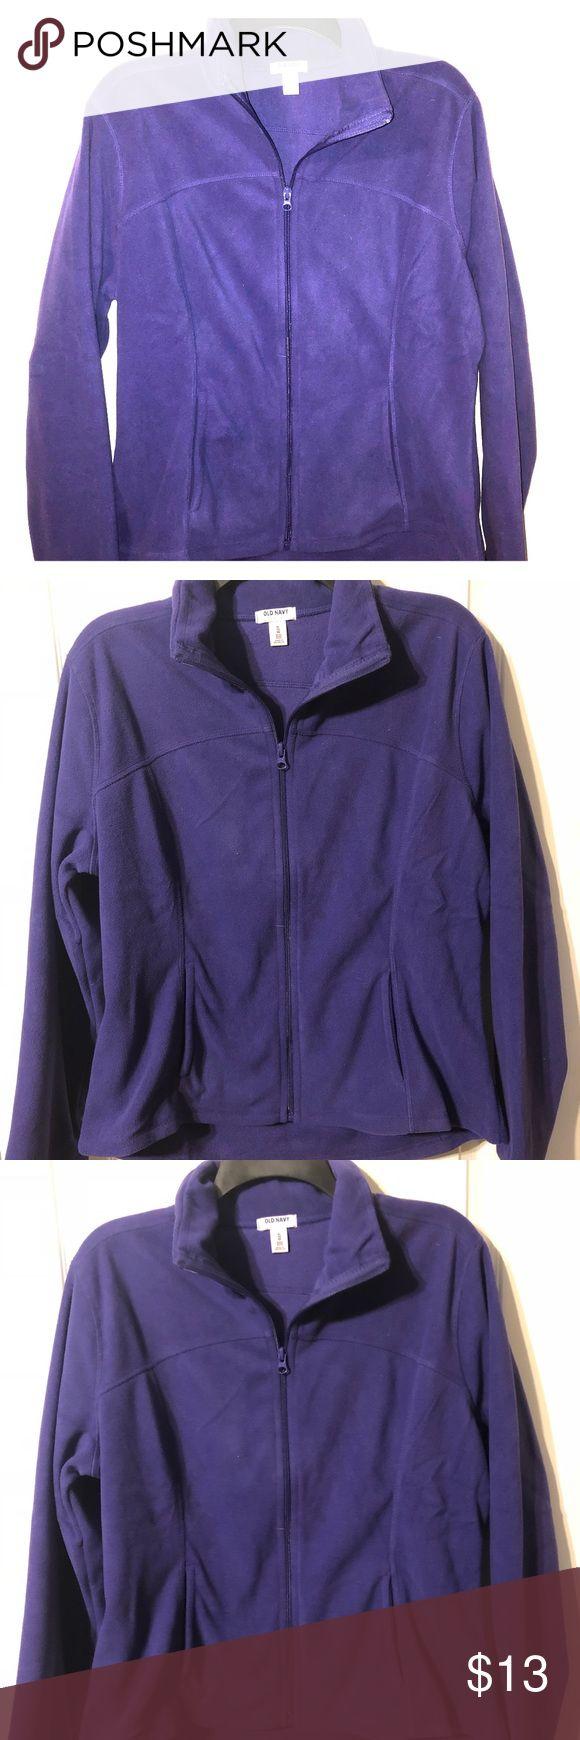 Old Navy Fleece Jacket Xl old navy fleece purple jacket nwt Old Navy Jackets & Coats